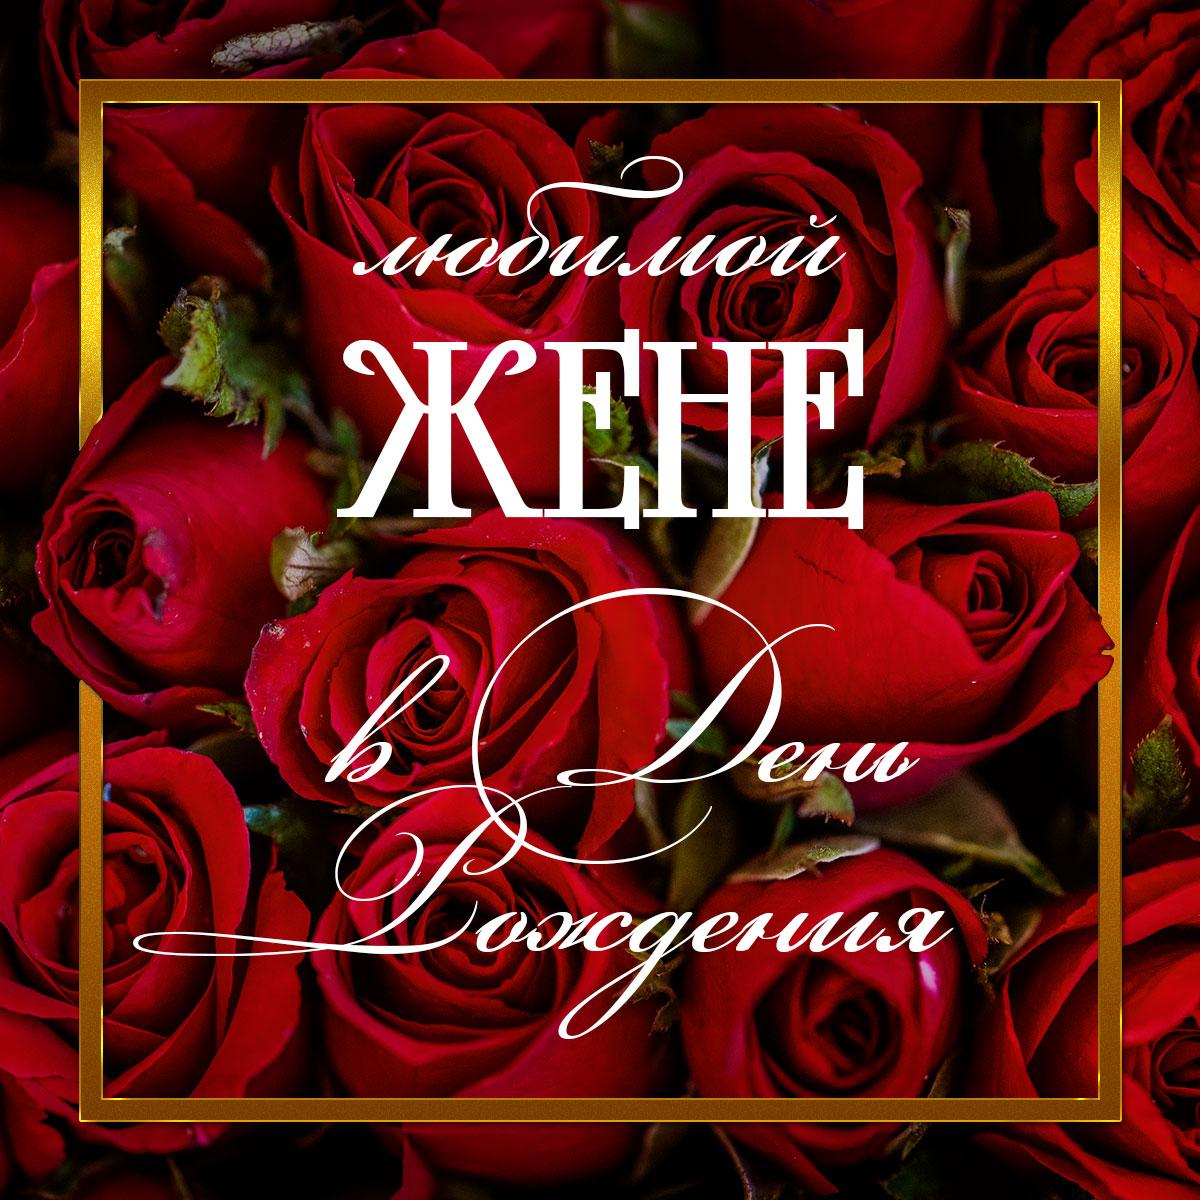 Фото с надписью любимой жене в день рождения с красными чайными розами.